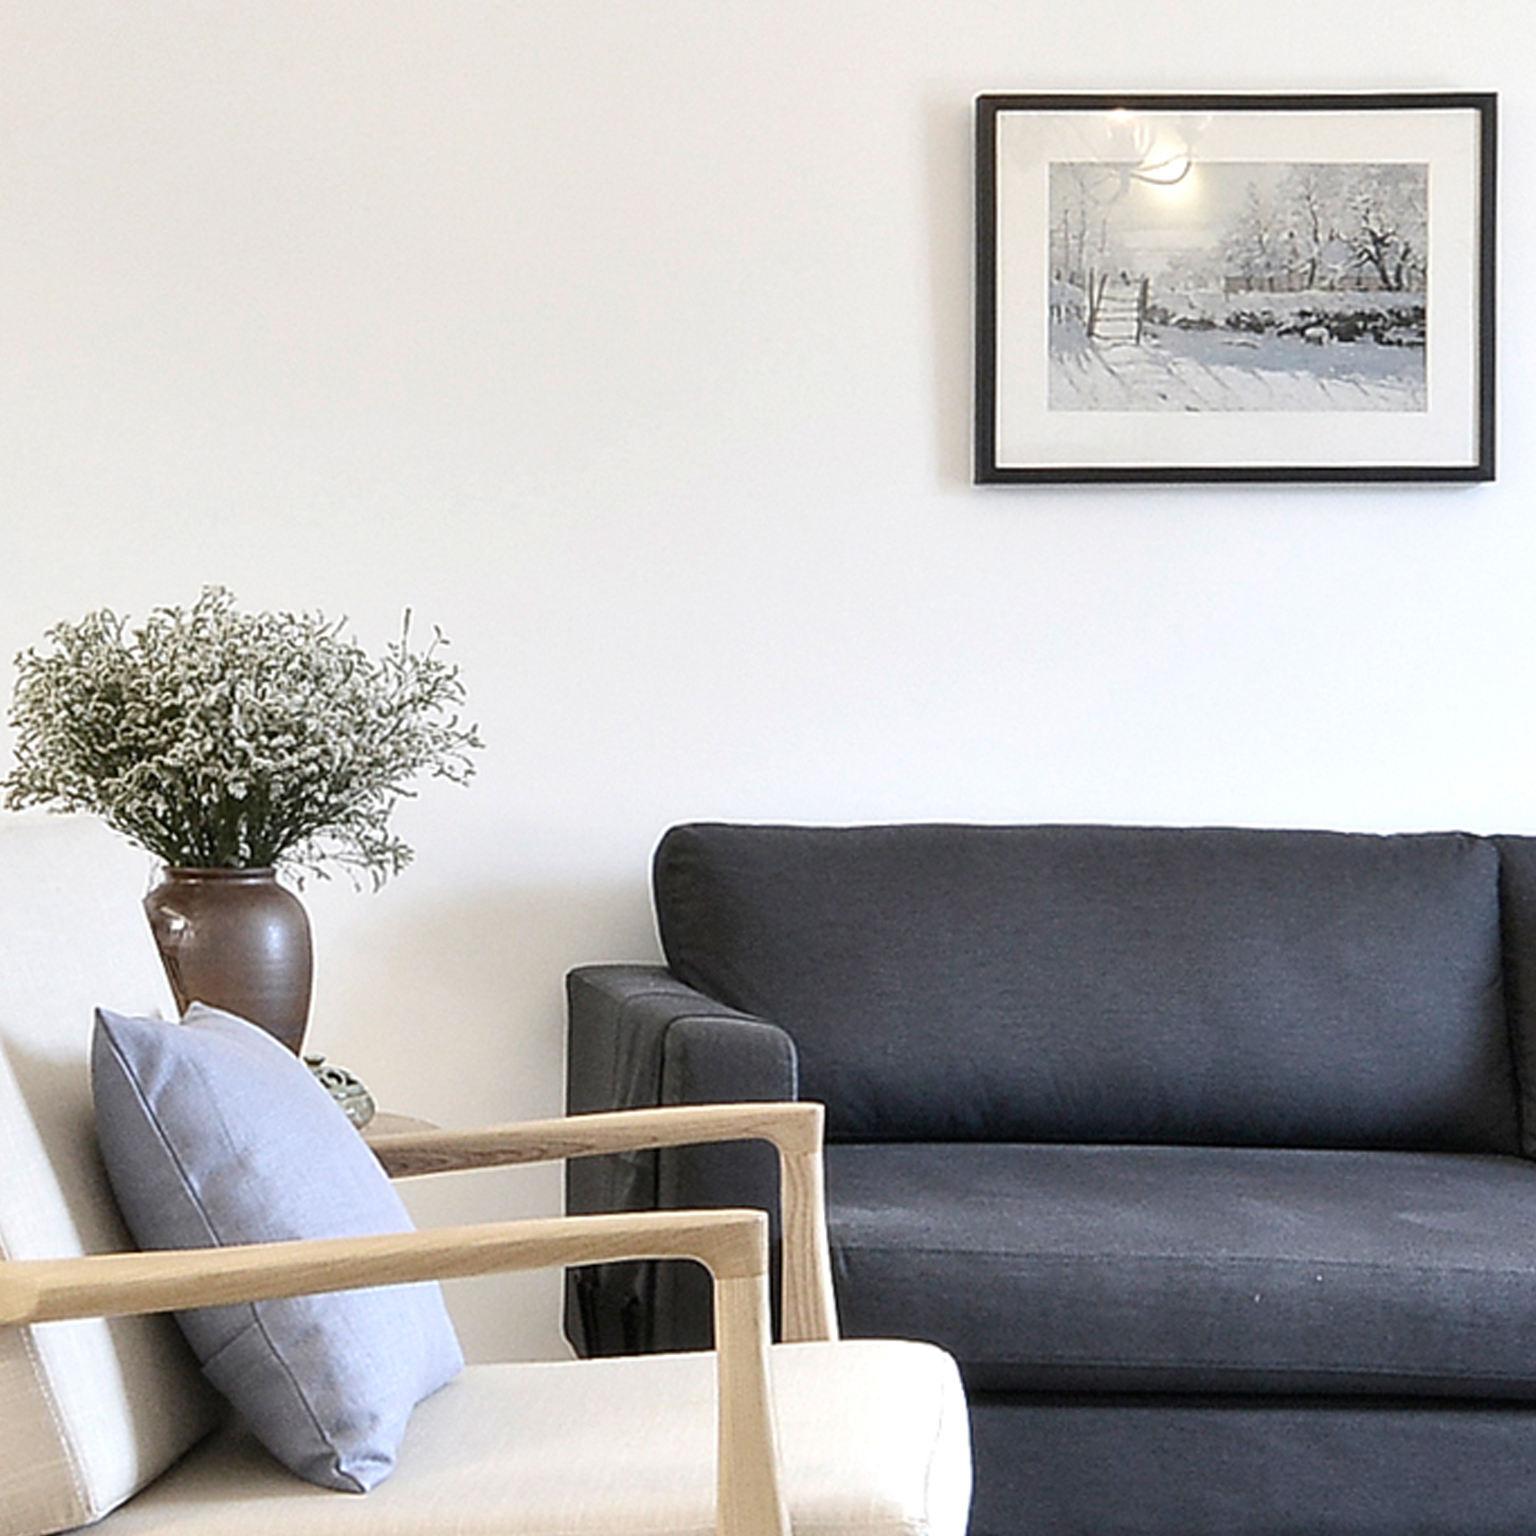 宜家日式风格 局部沙发效果图